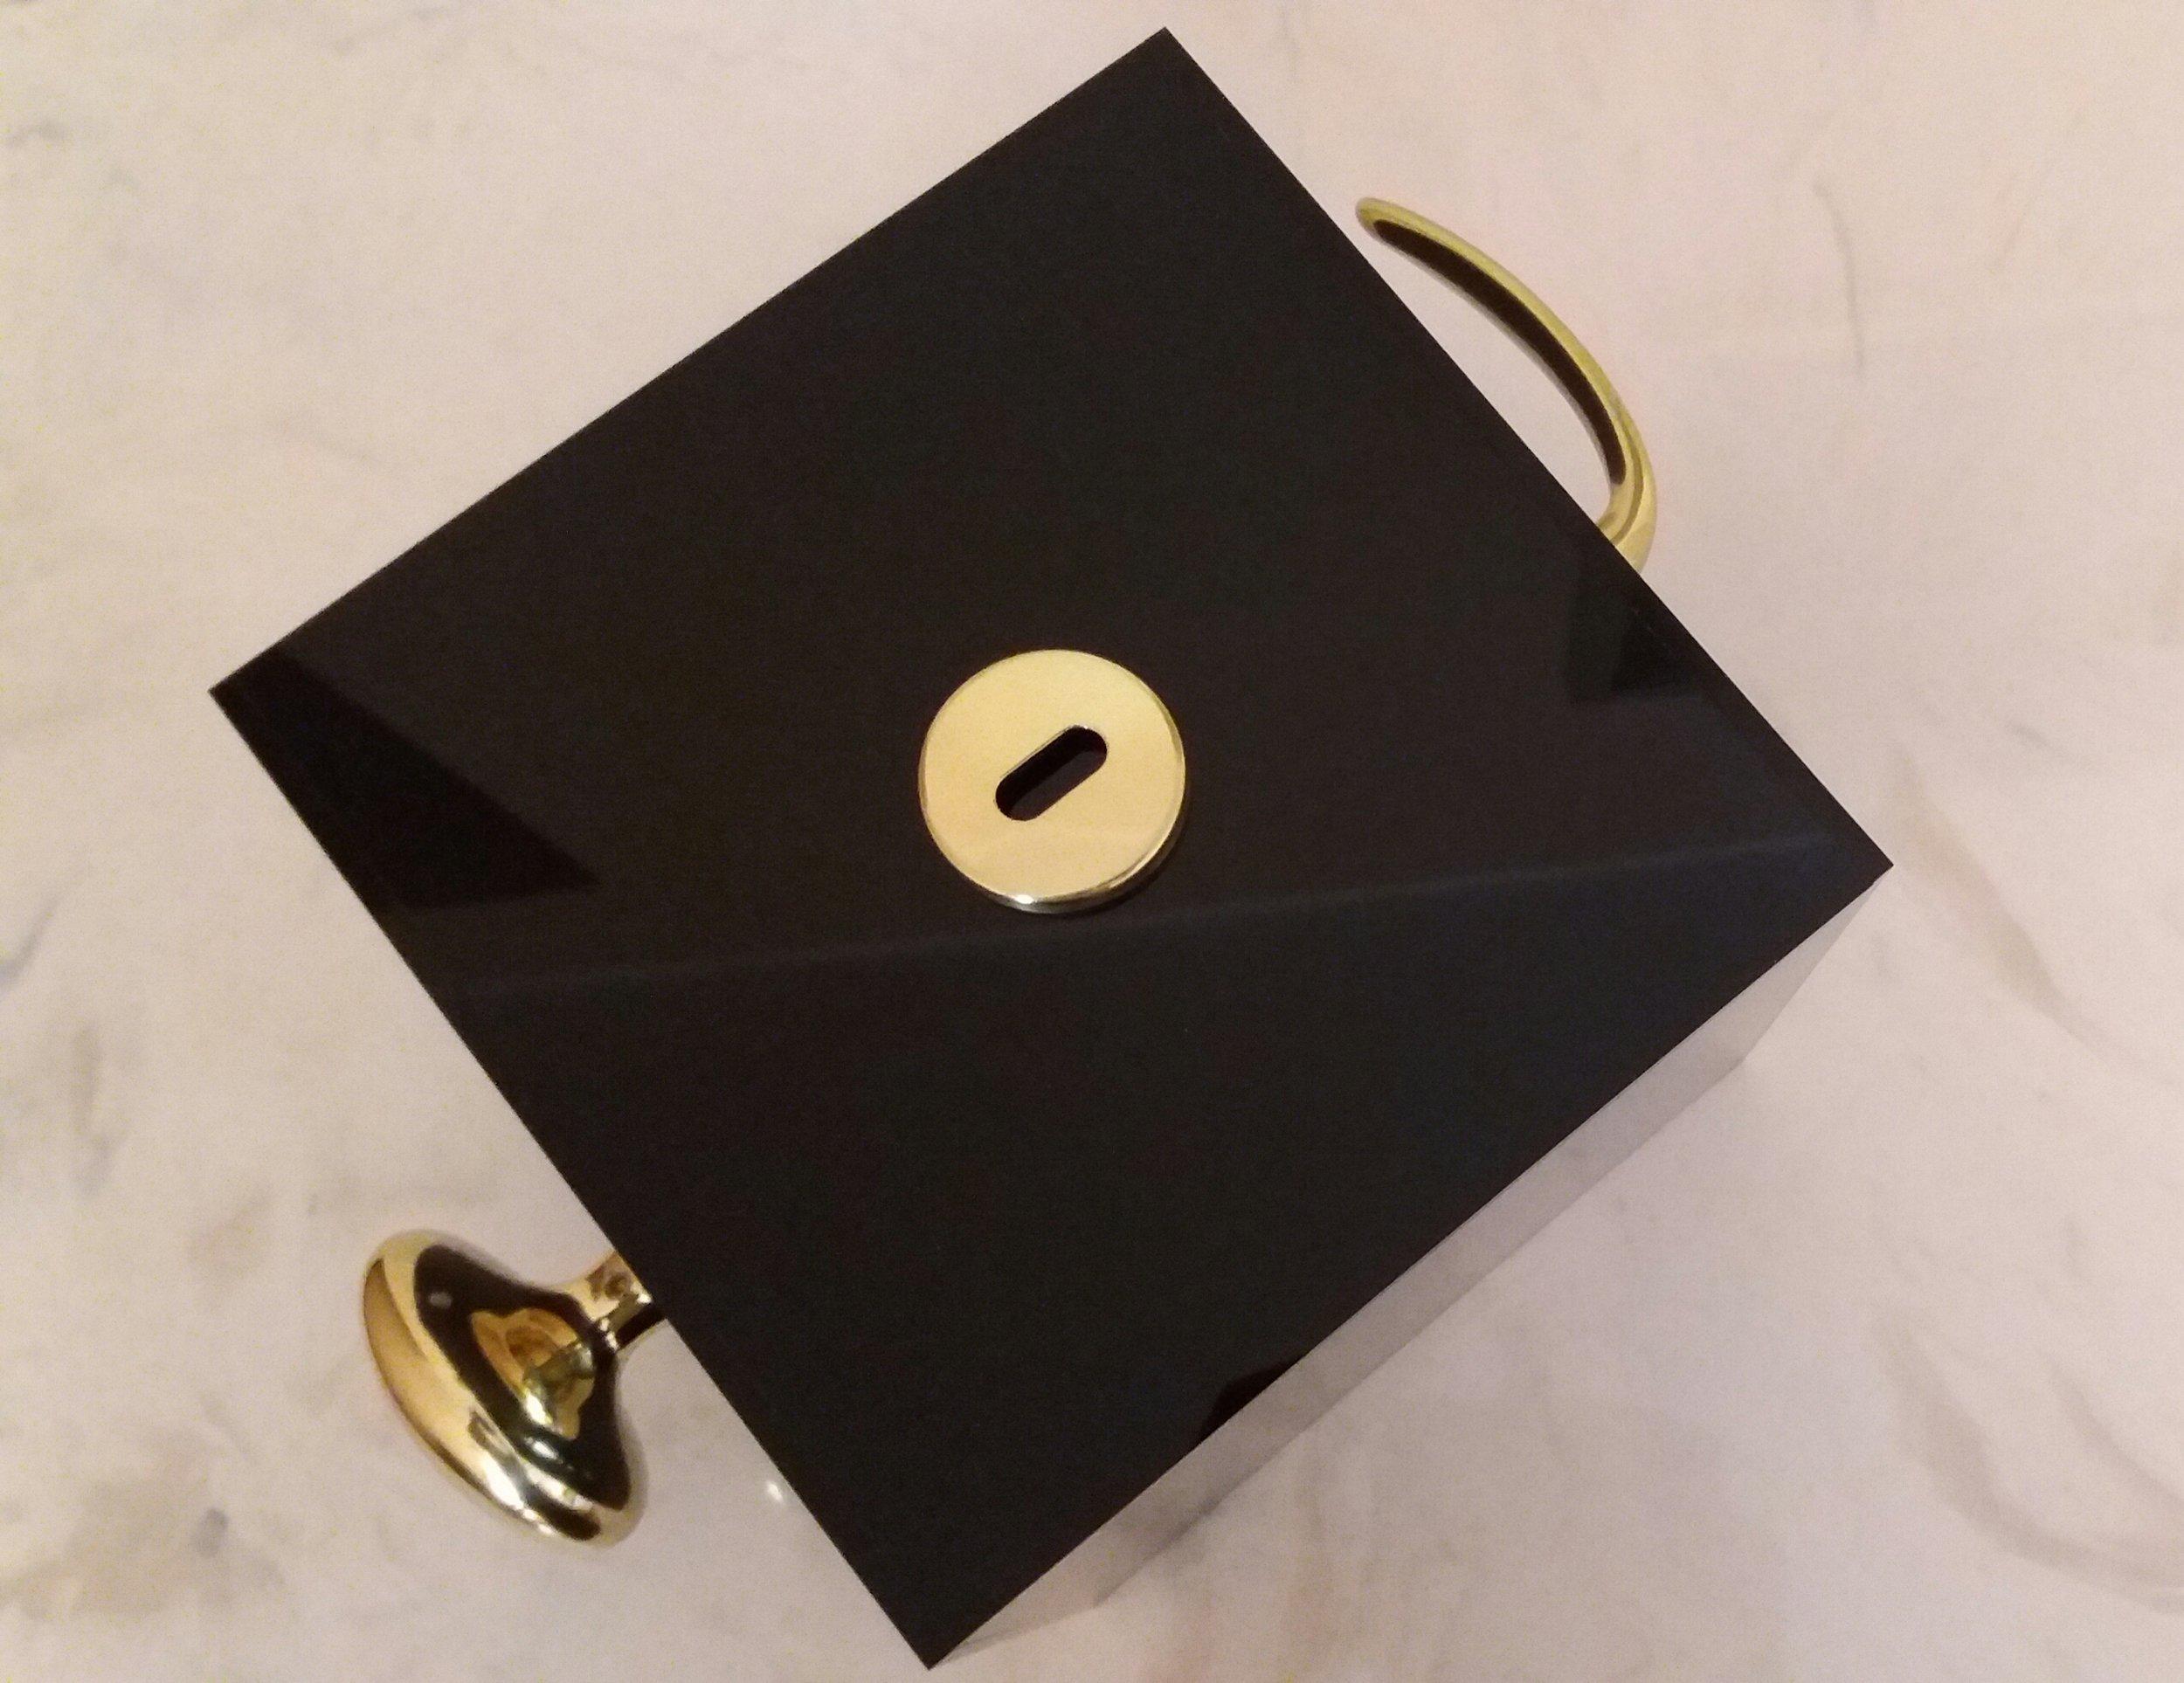 Cubo d'entrata primordiale_003